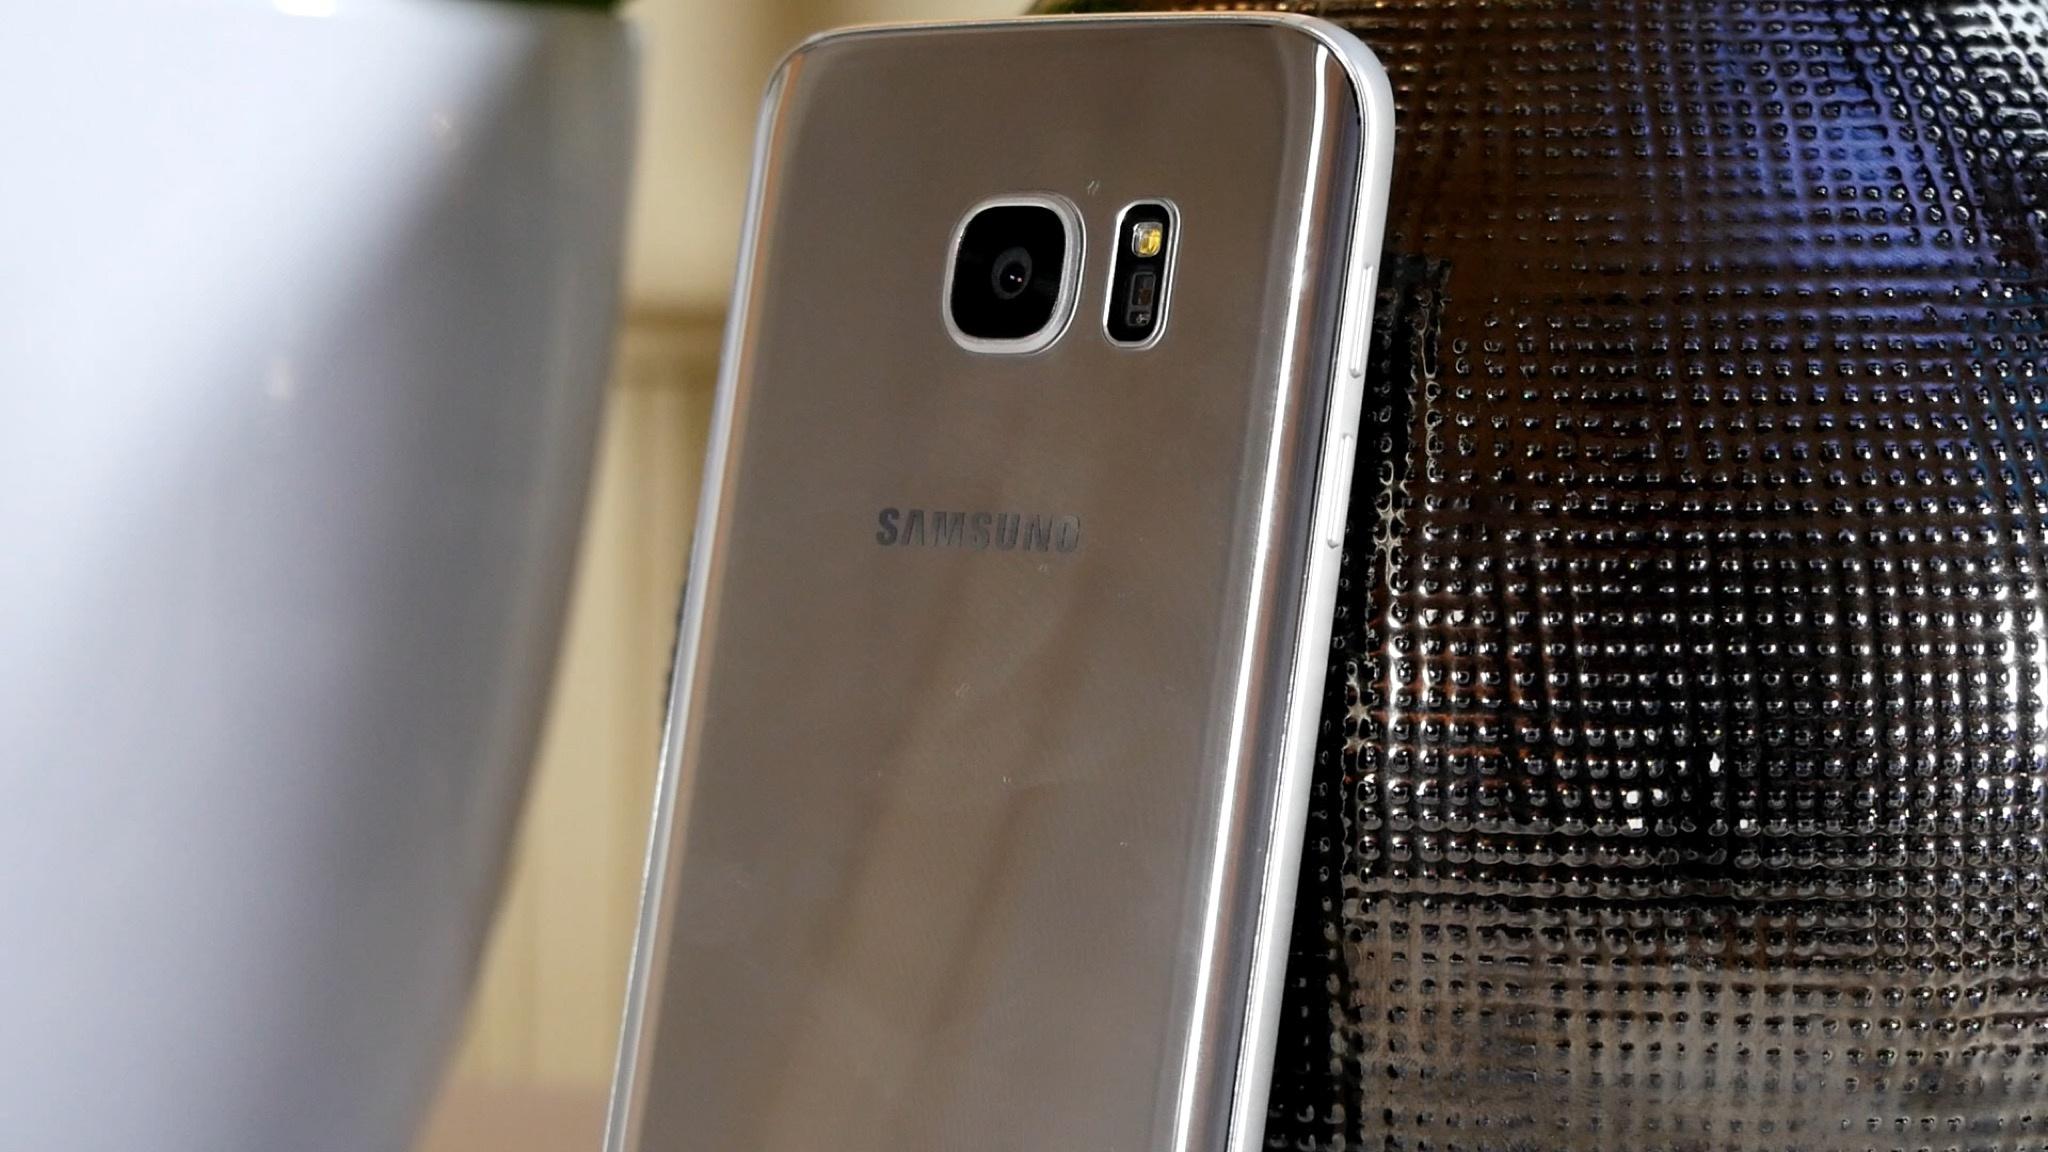 Samsung Galaxy S7 dorado por detrás